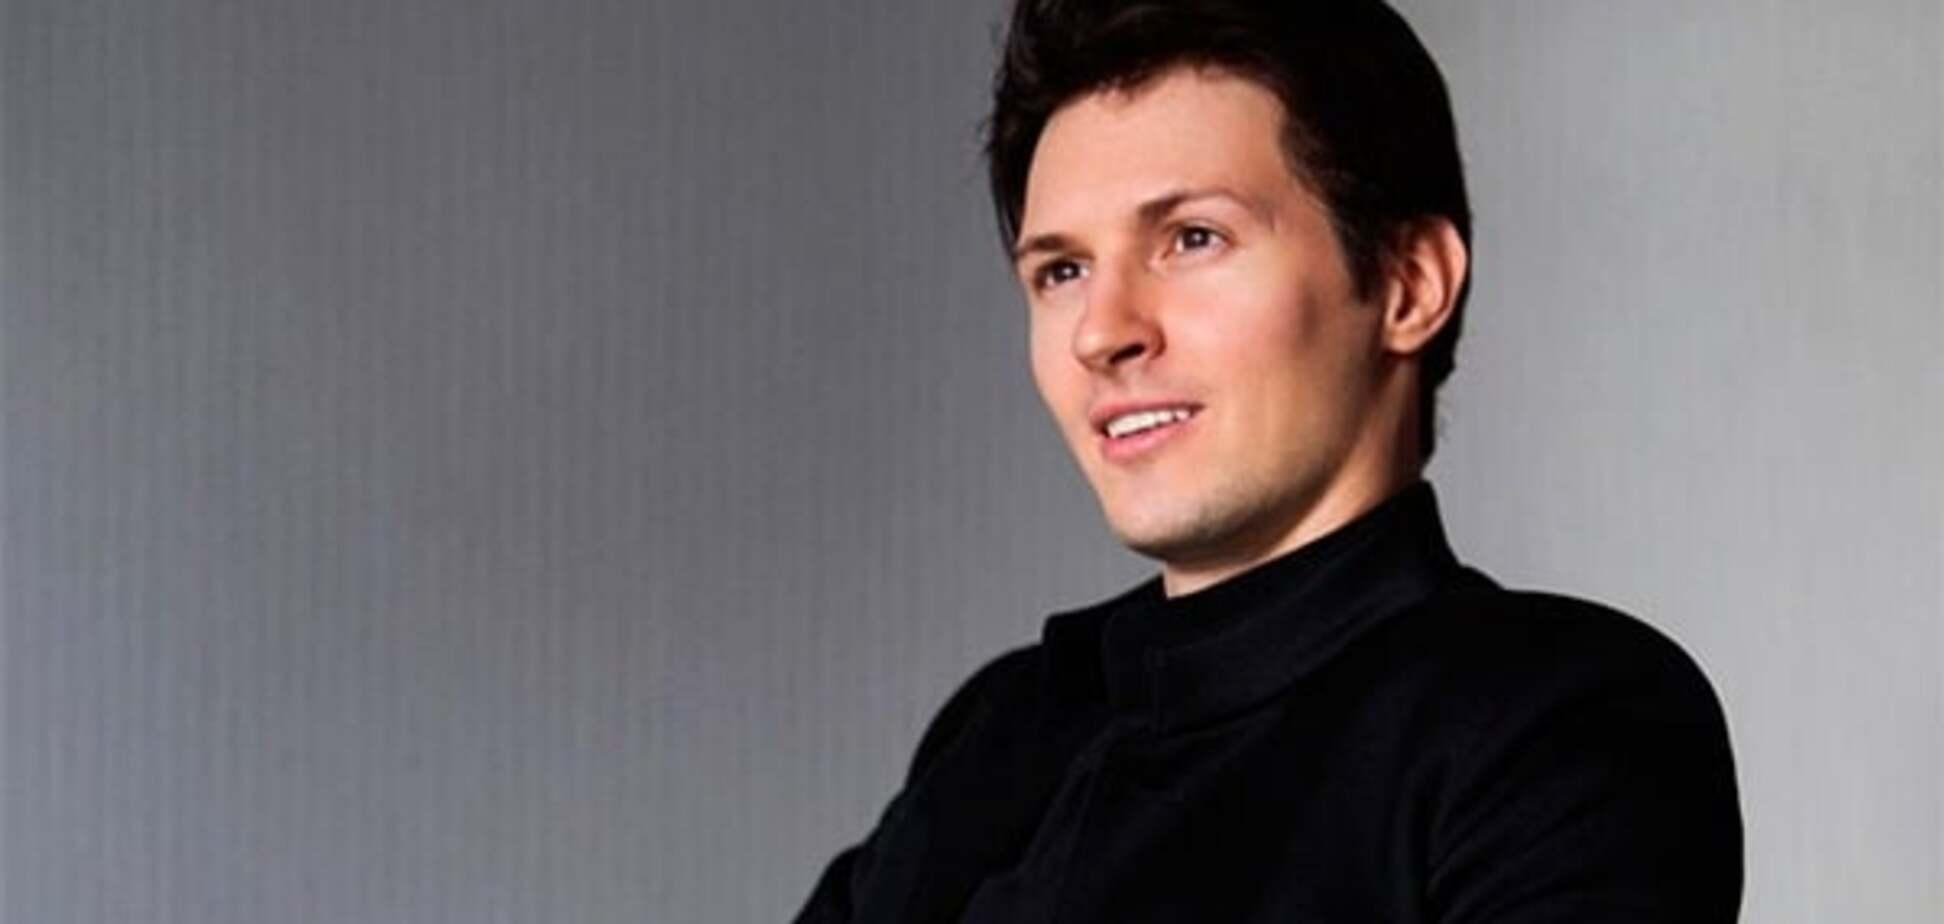 Дуров признался, что предлагал работу беглому ЦРУшнику